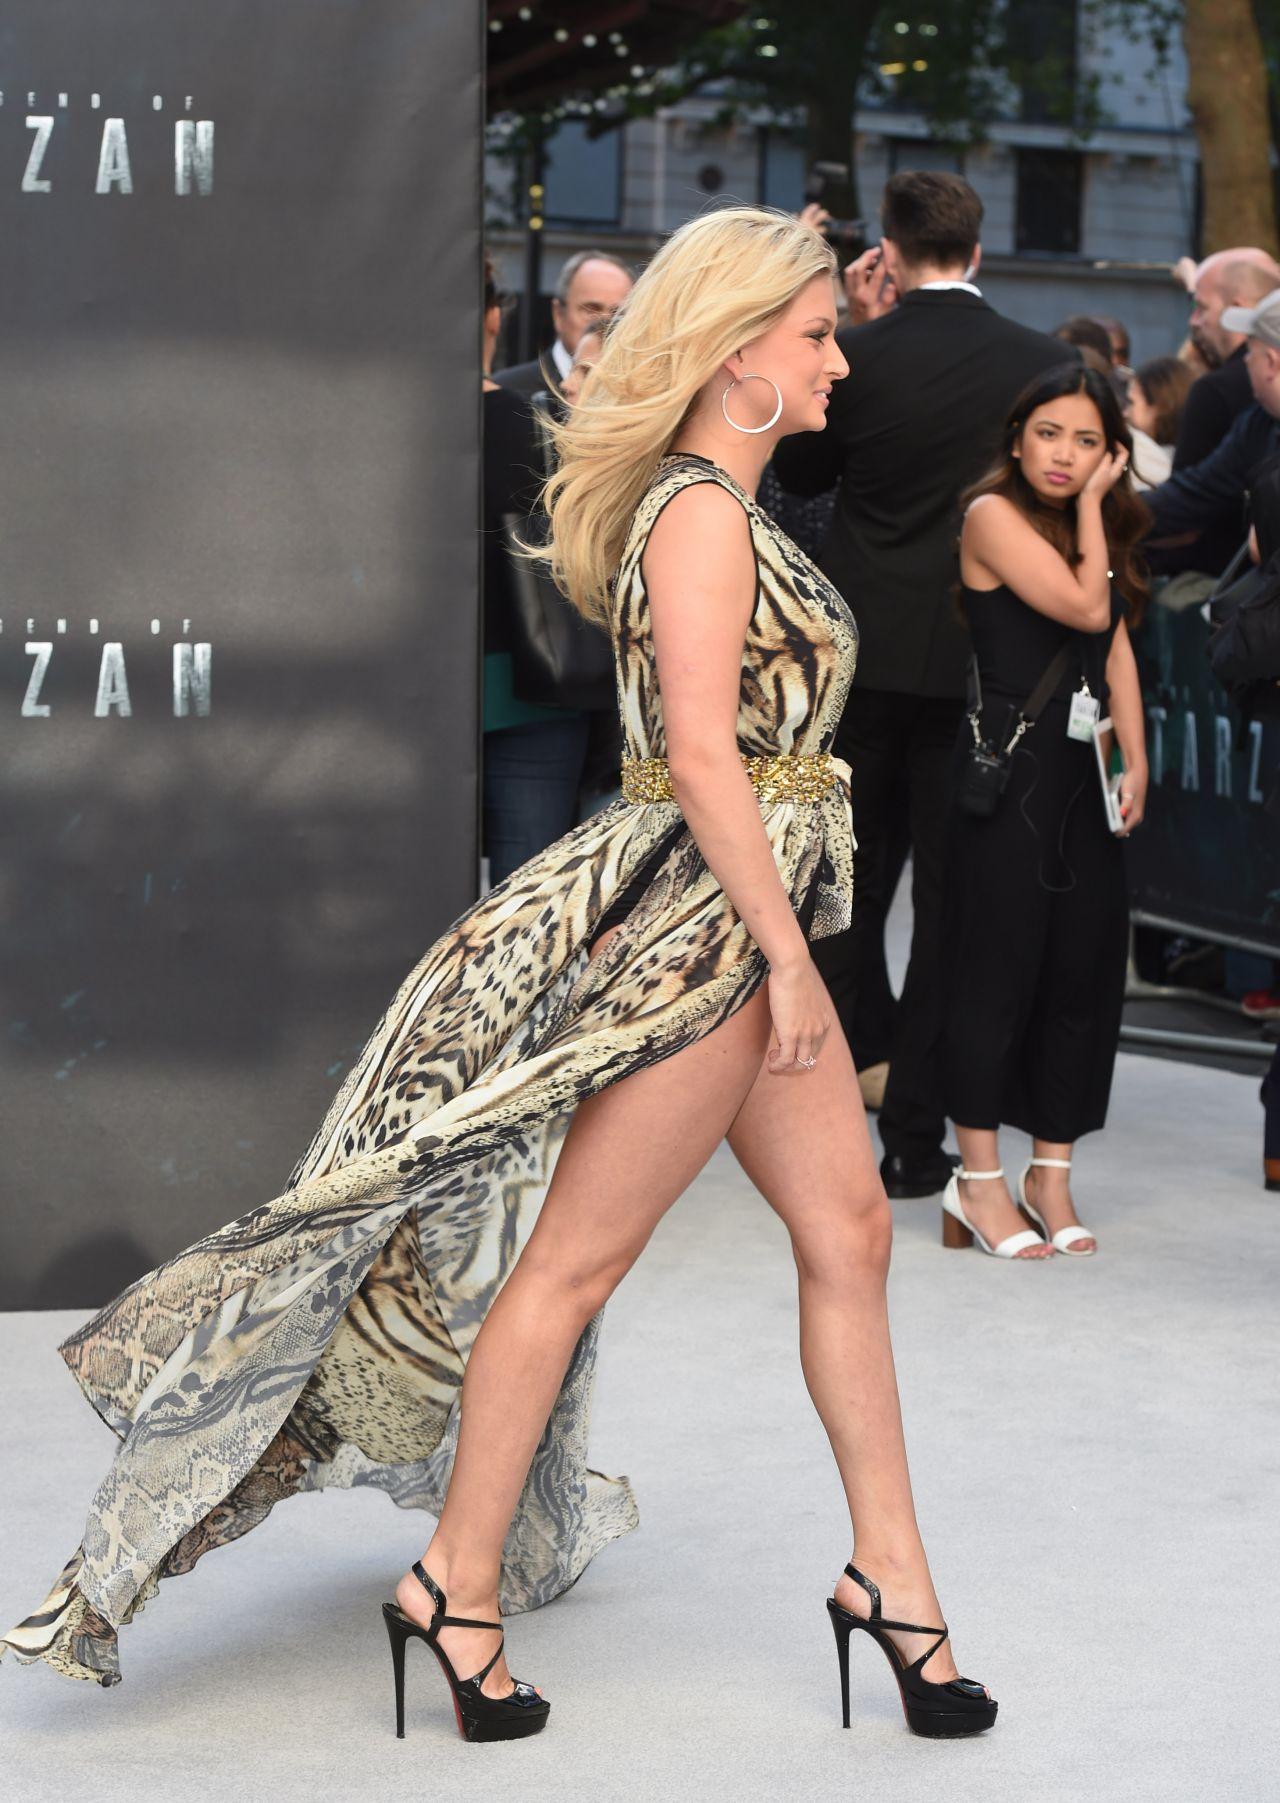 Zara Holland - The Legend Of Tarzan Premiere In London-9516